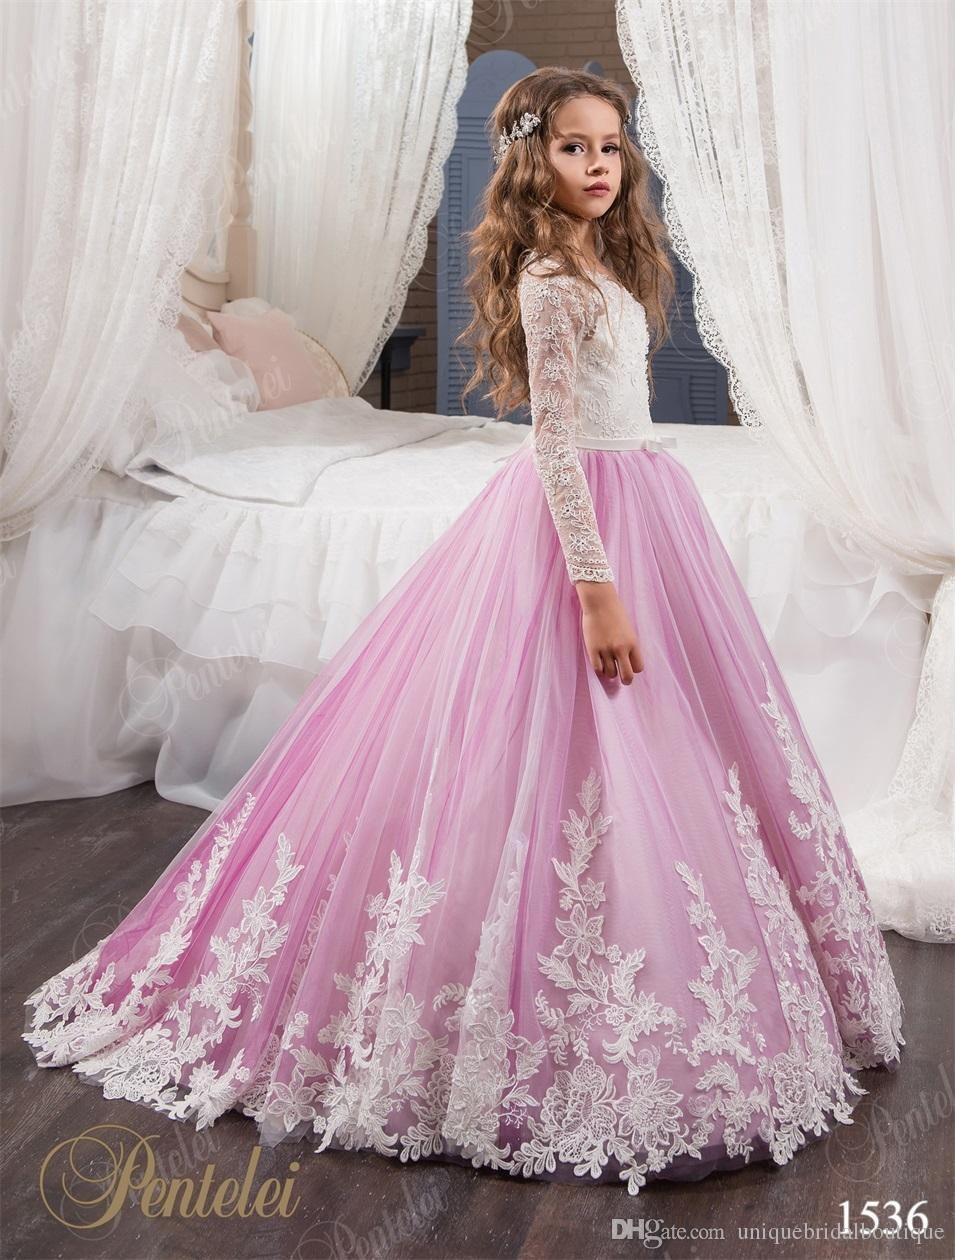 Vistoso Vestido De Novia Virgen Colección de Imágenes - Colección de ...